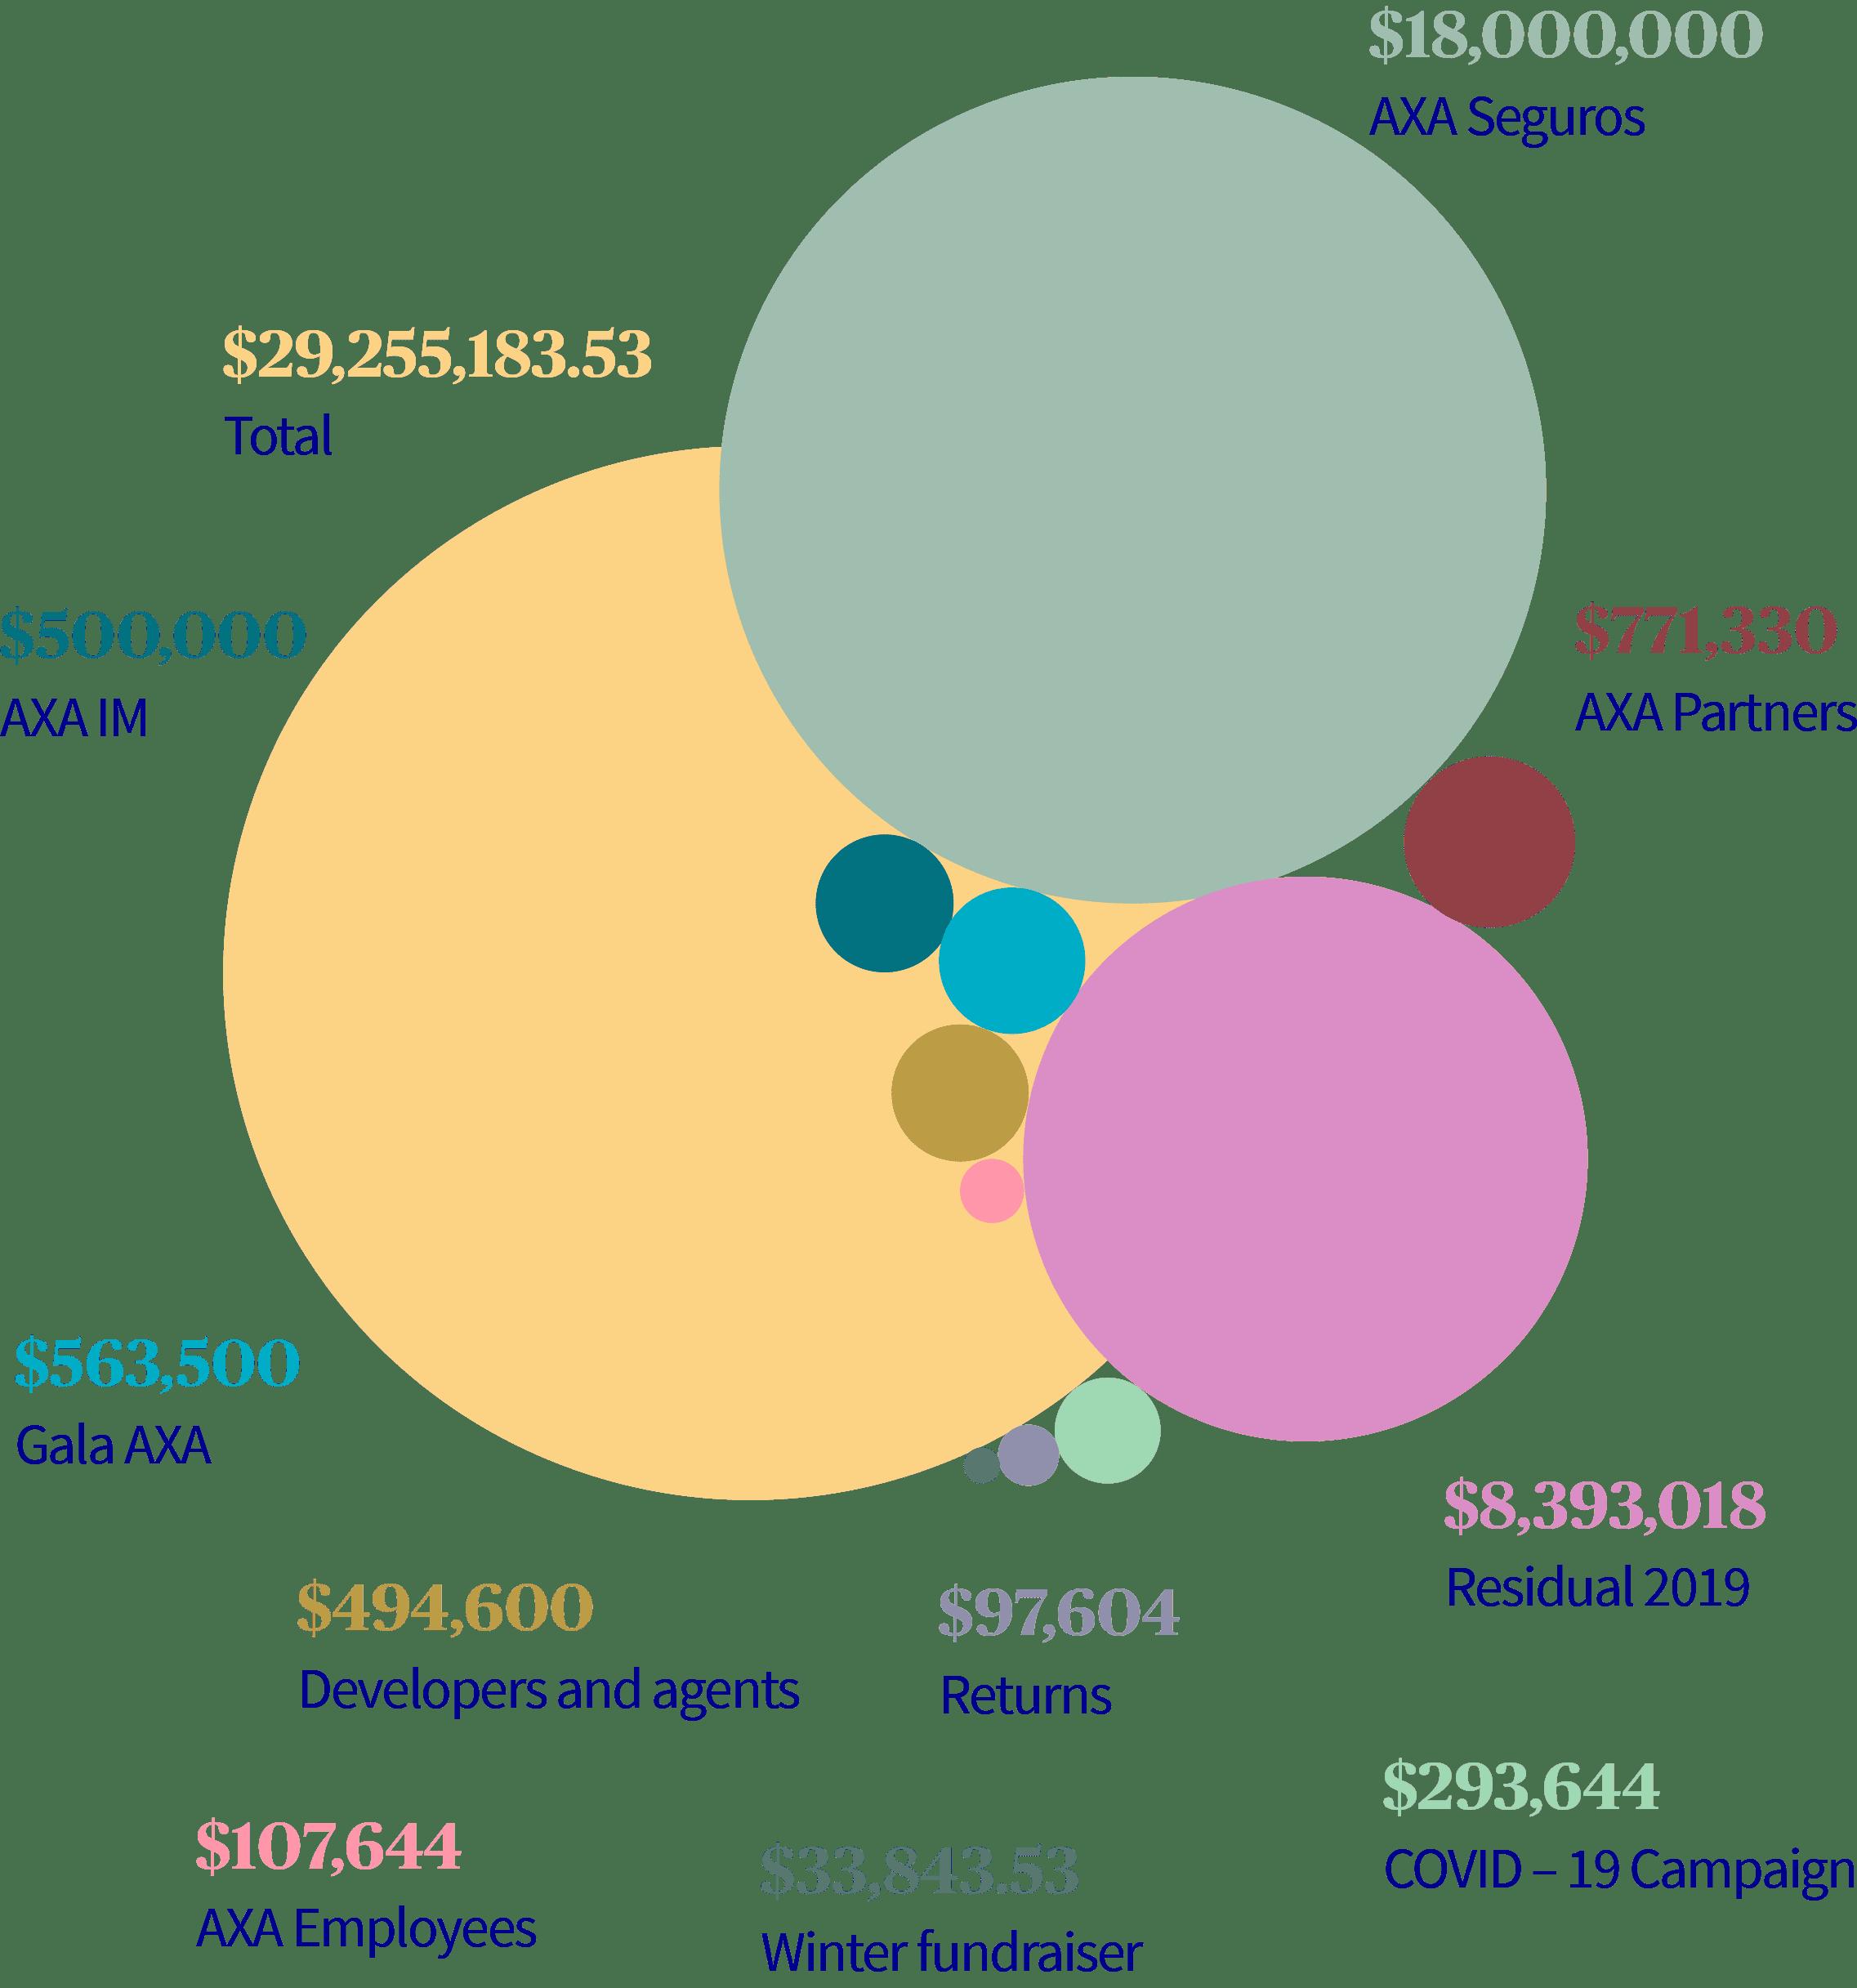 Revenues as of December 31, 2020